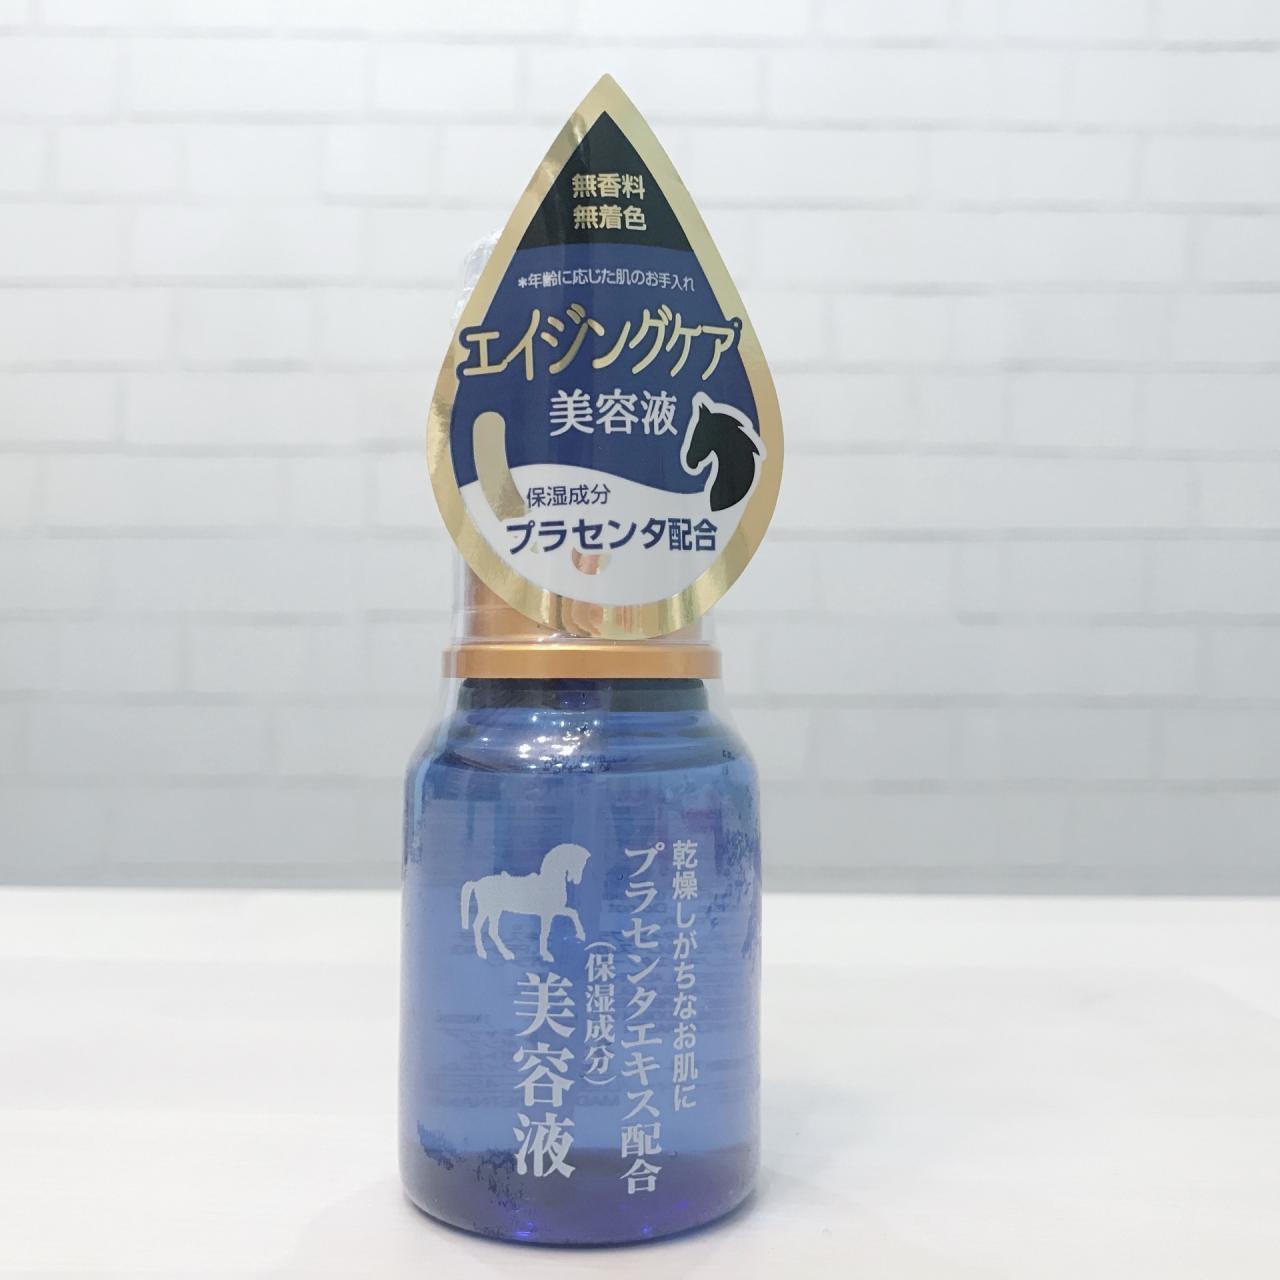 ダイソー 美容液 おすすめ 口コミ プラセンタエキス配合 PCローション 100均 100円均一ショップ DAISO